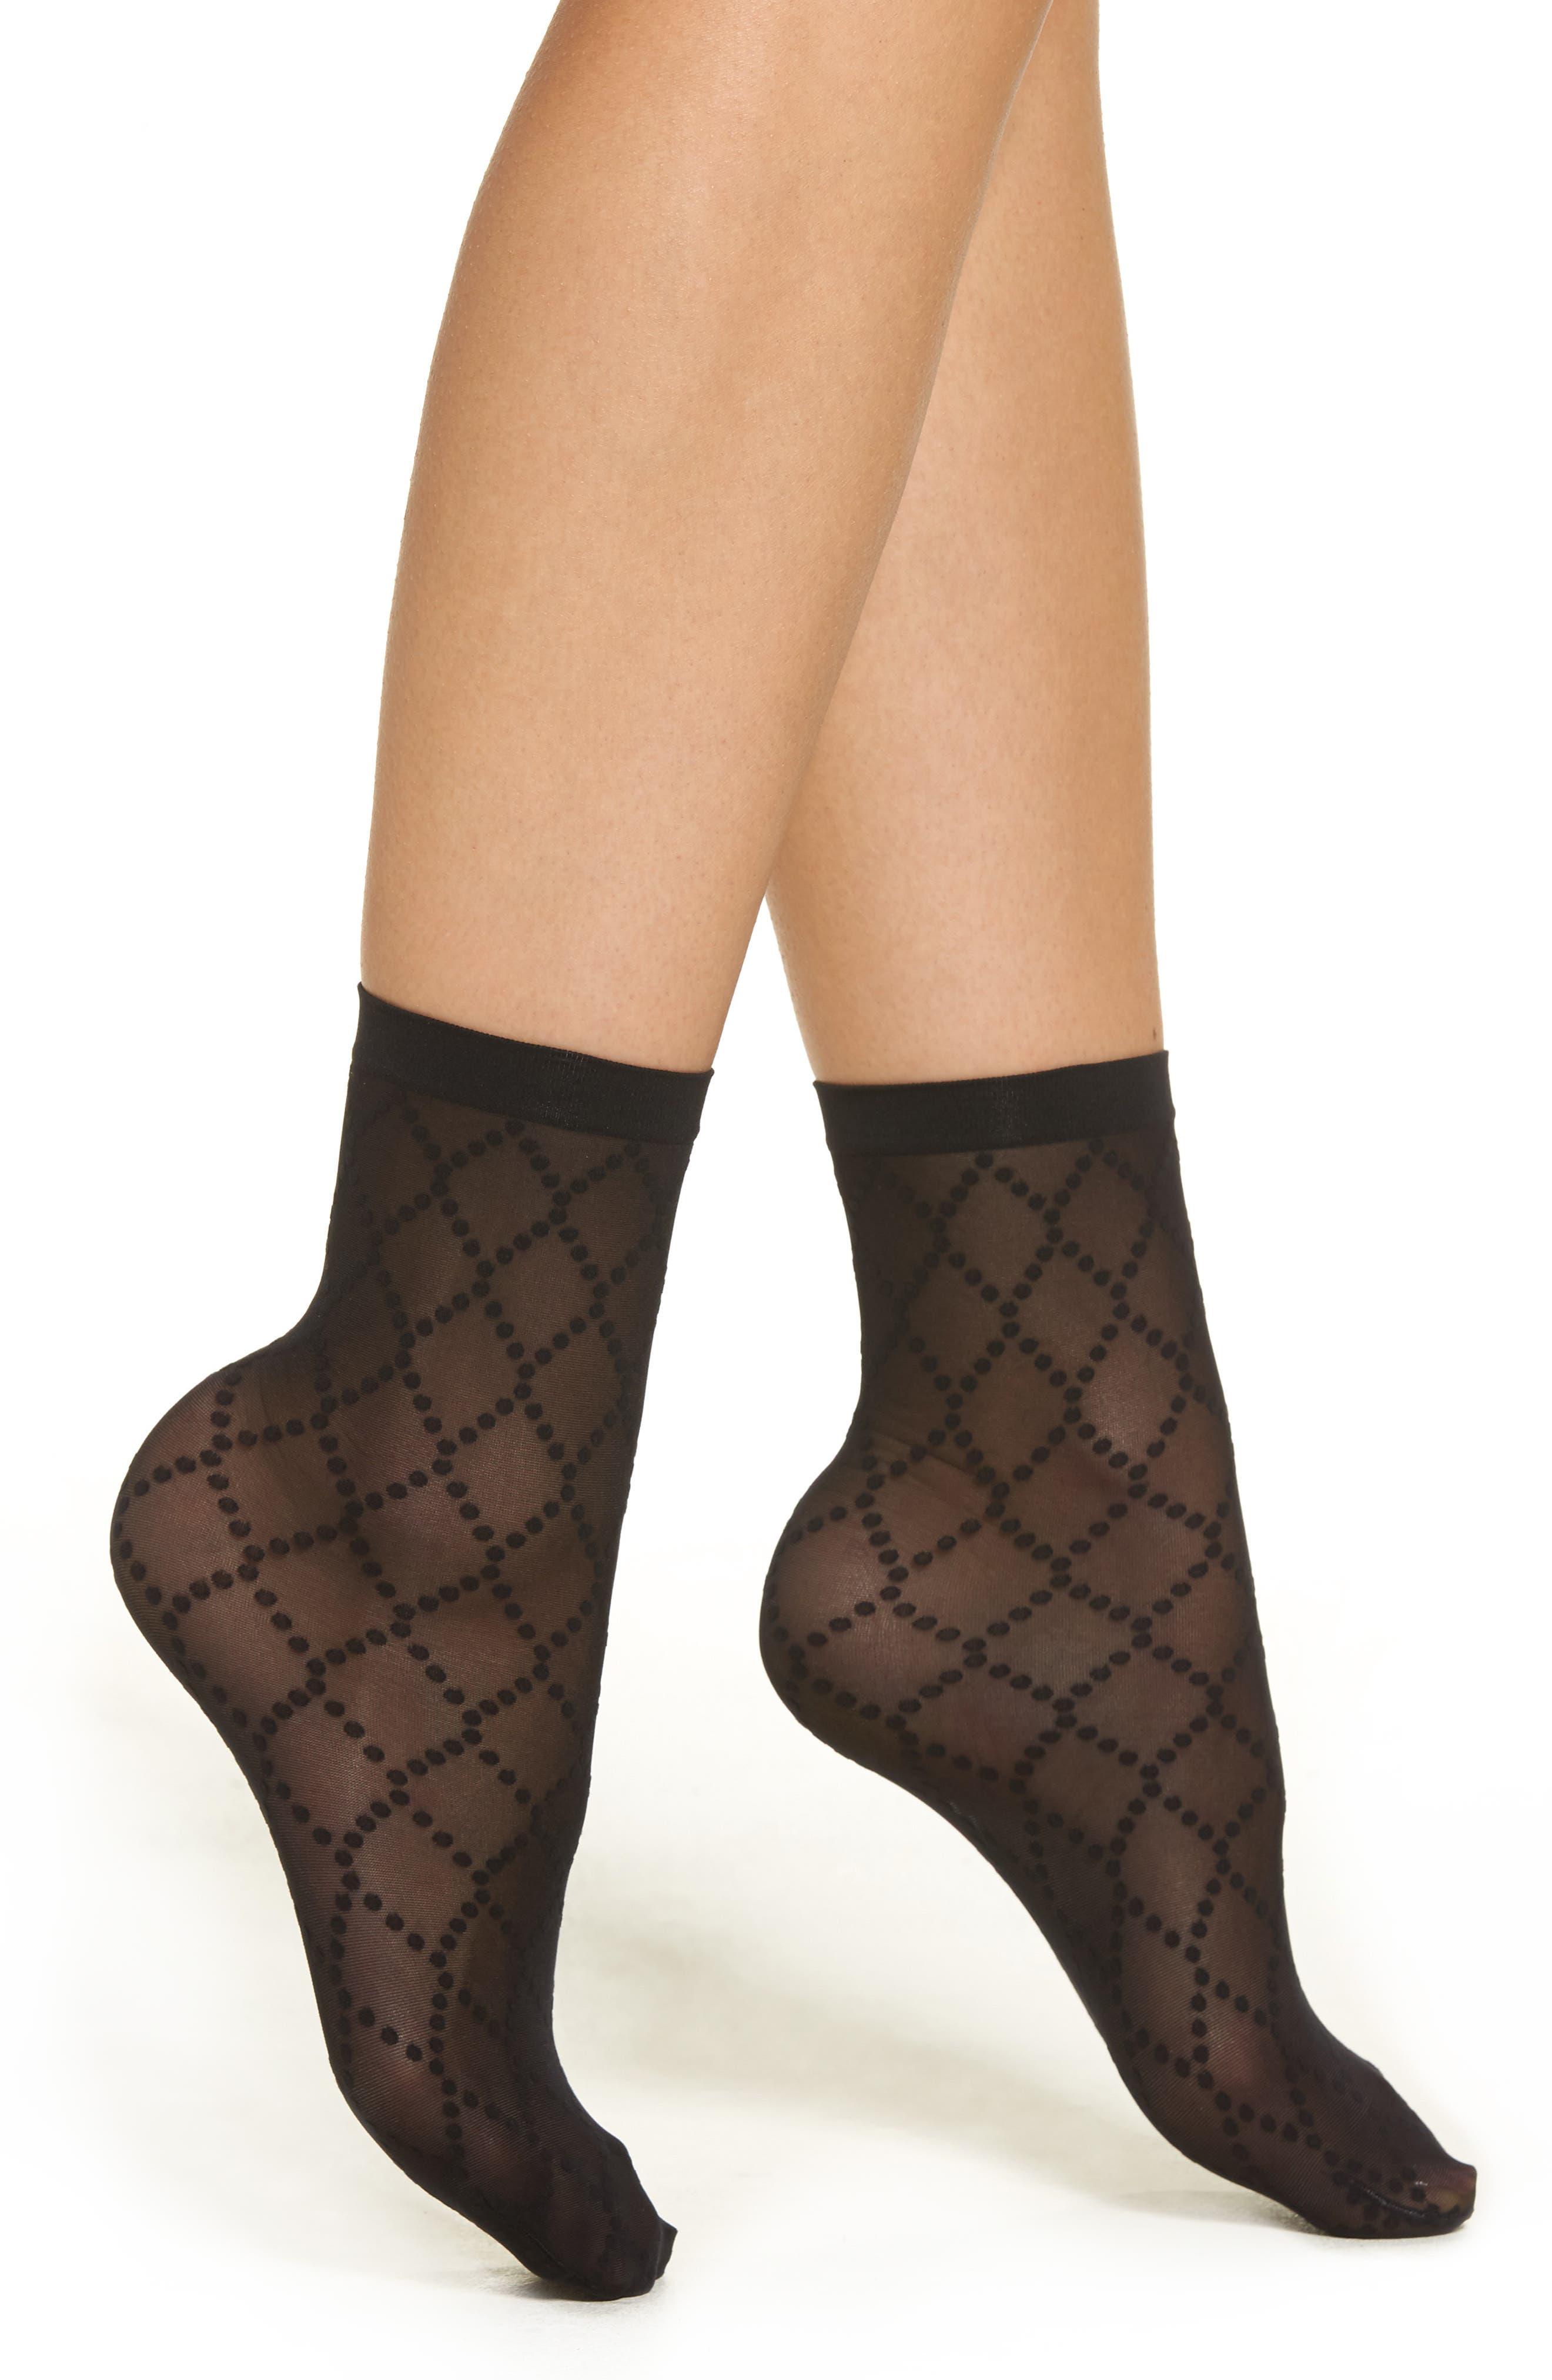 Dot Mesh Trouser Socks,                             Main thumbnail 1, color,